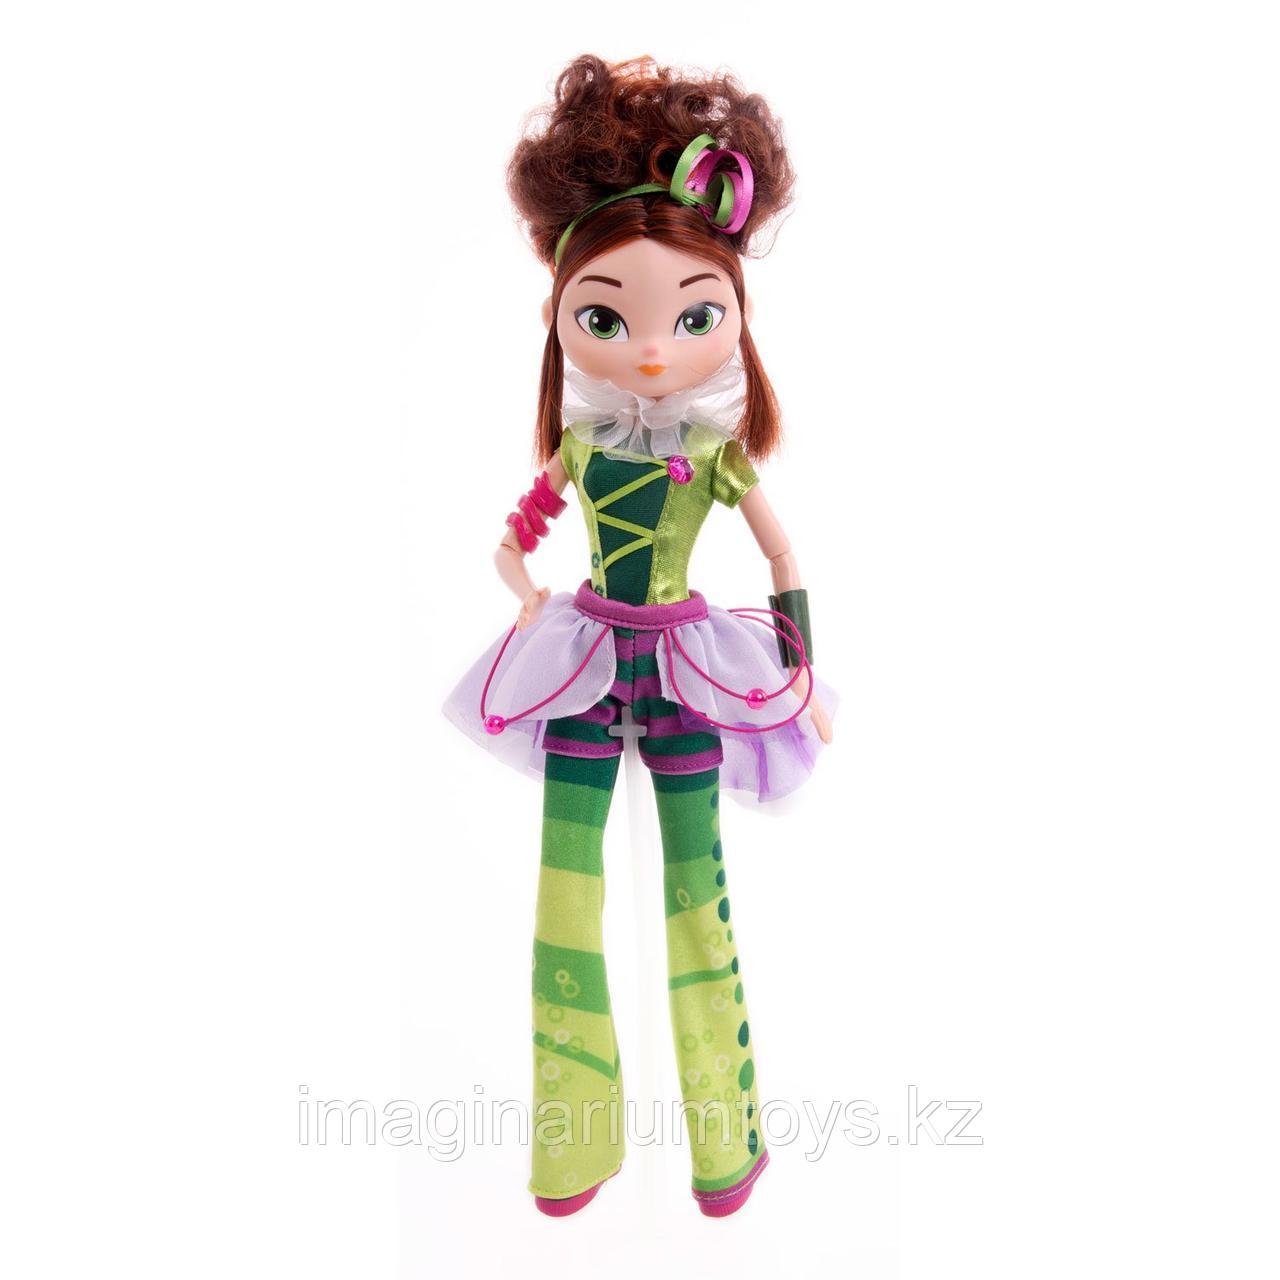 Кукла Сказочный патруль Маша серия Music 28 см